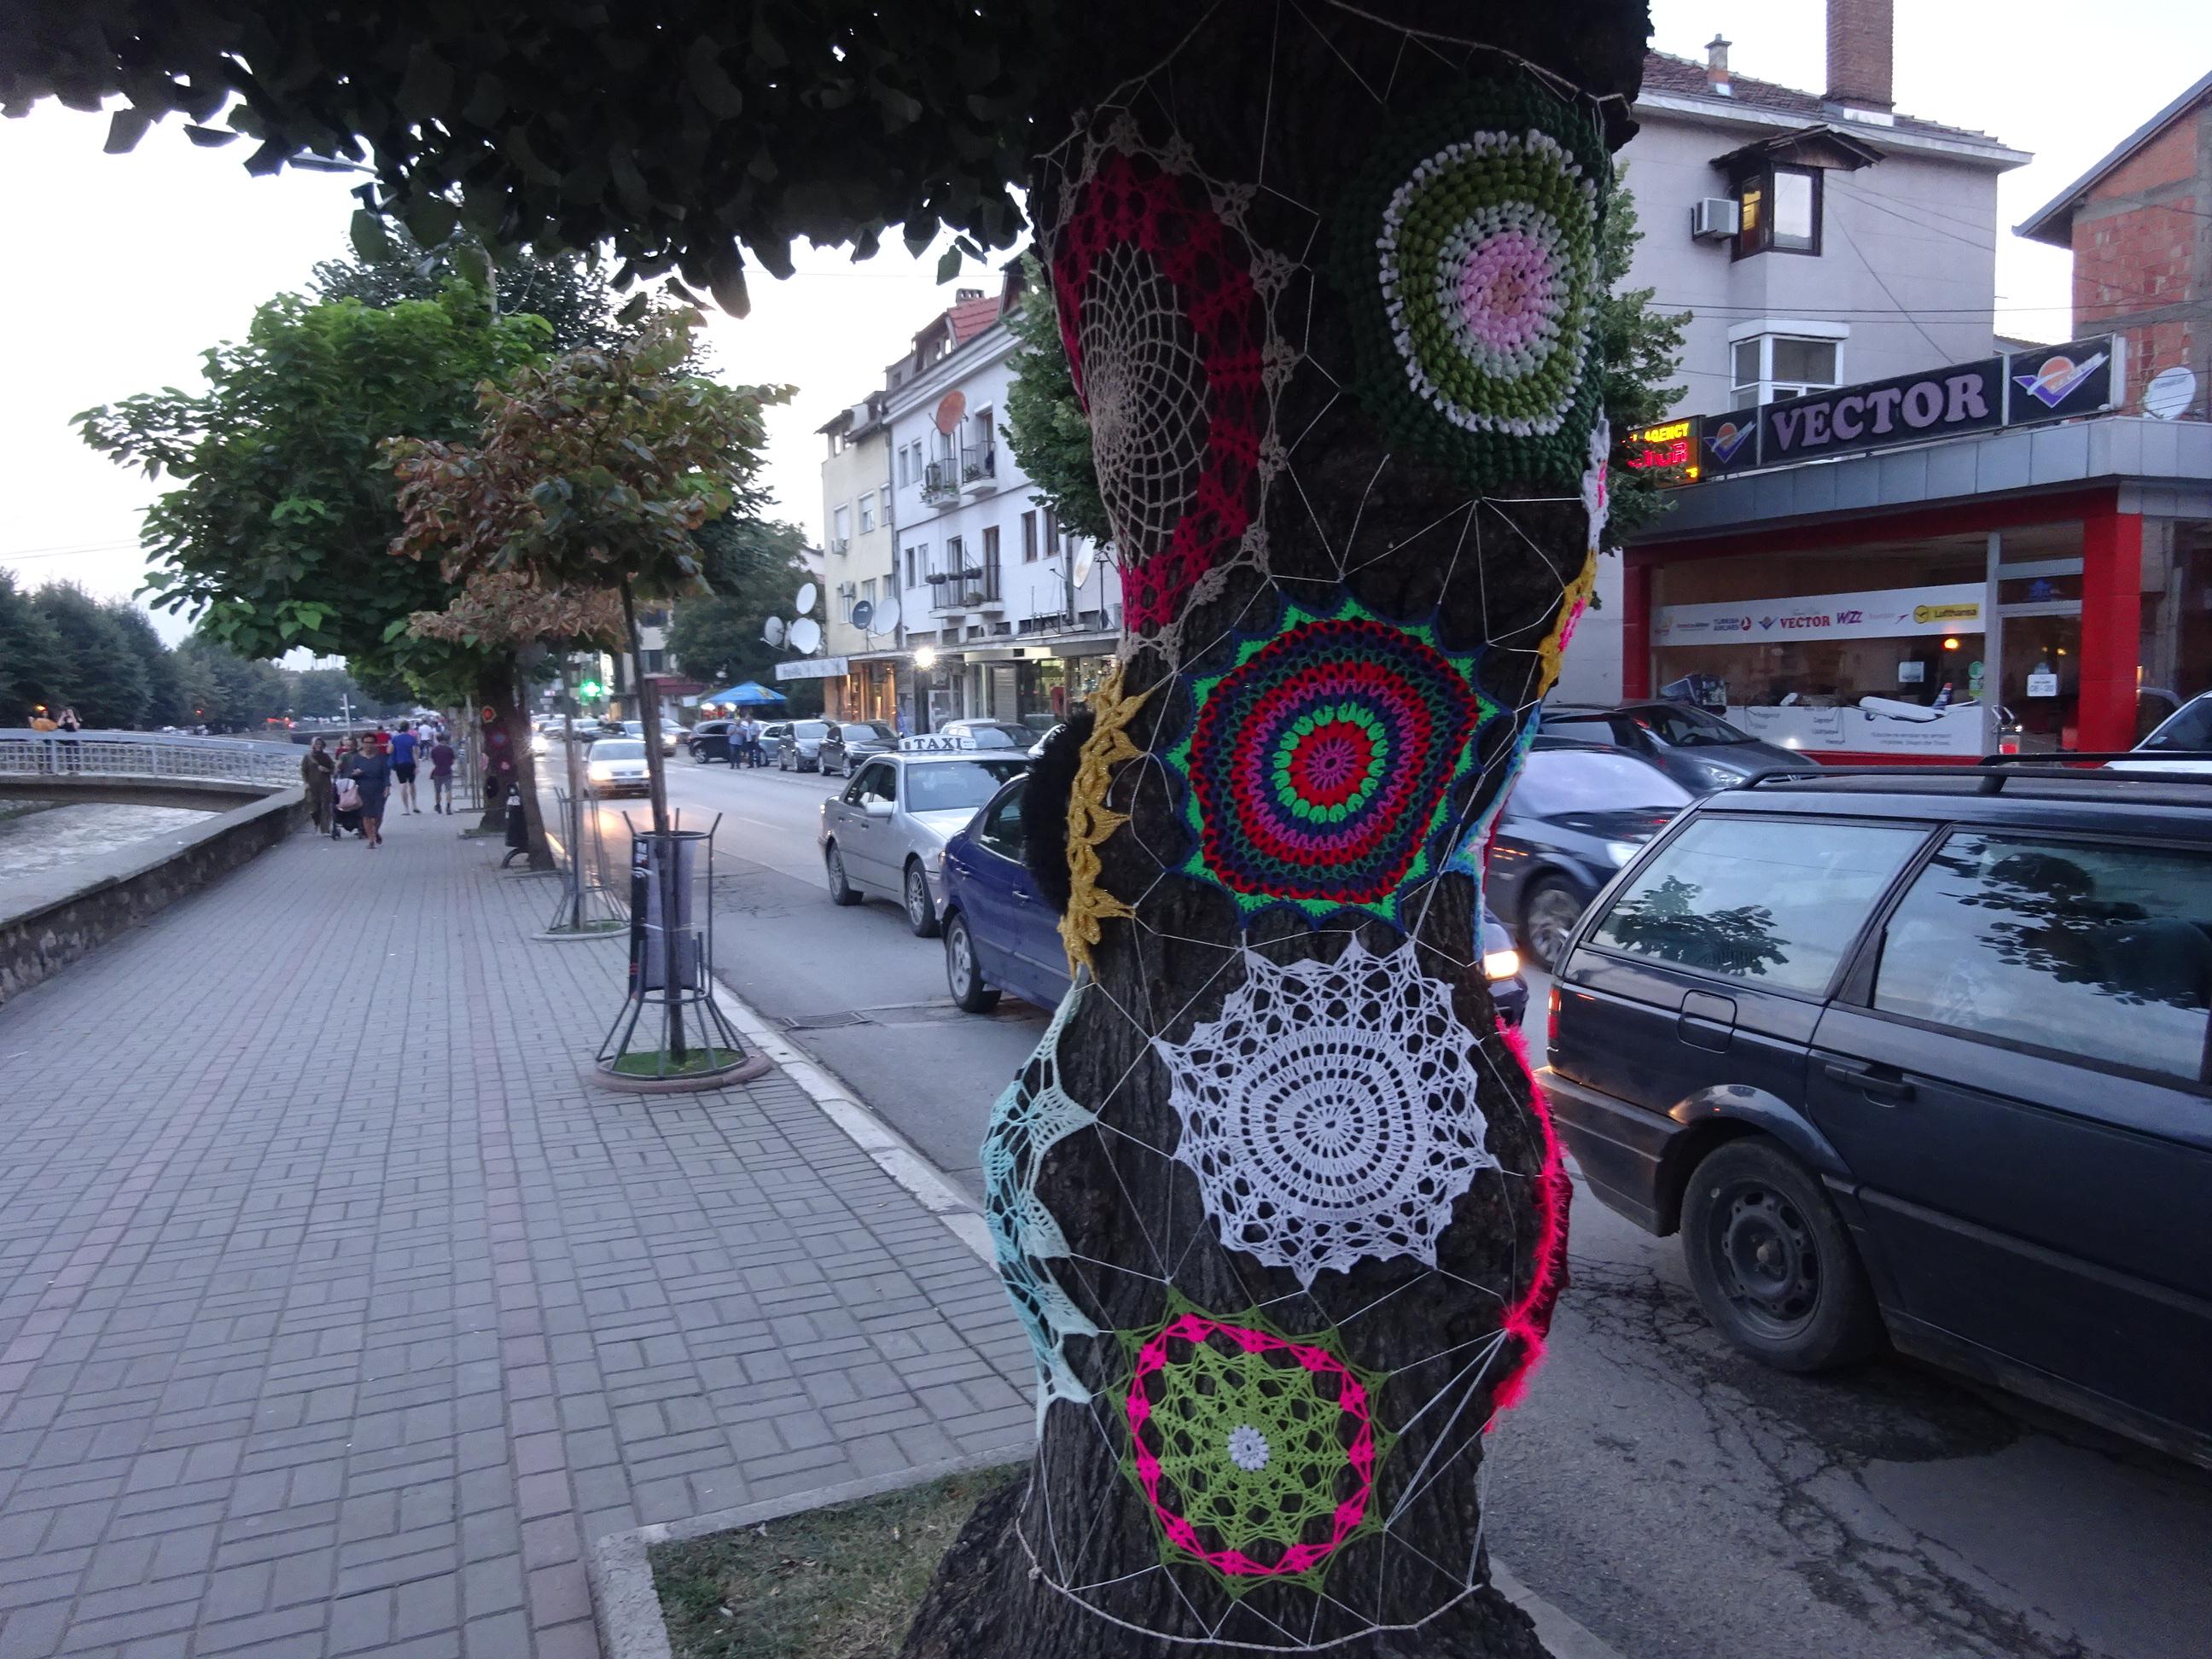 プリズレンの観光「街路樹に手編みの飾りがついている」